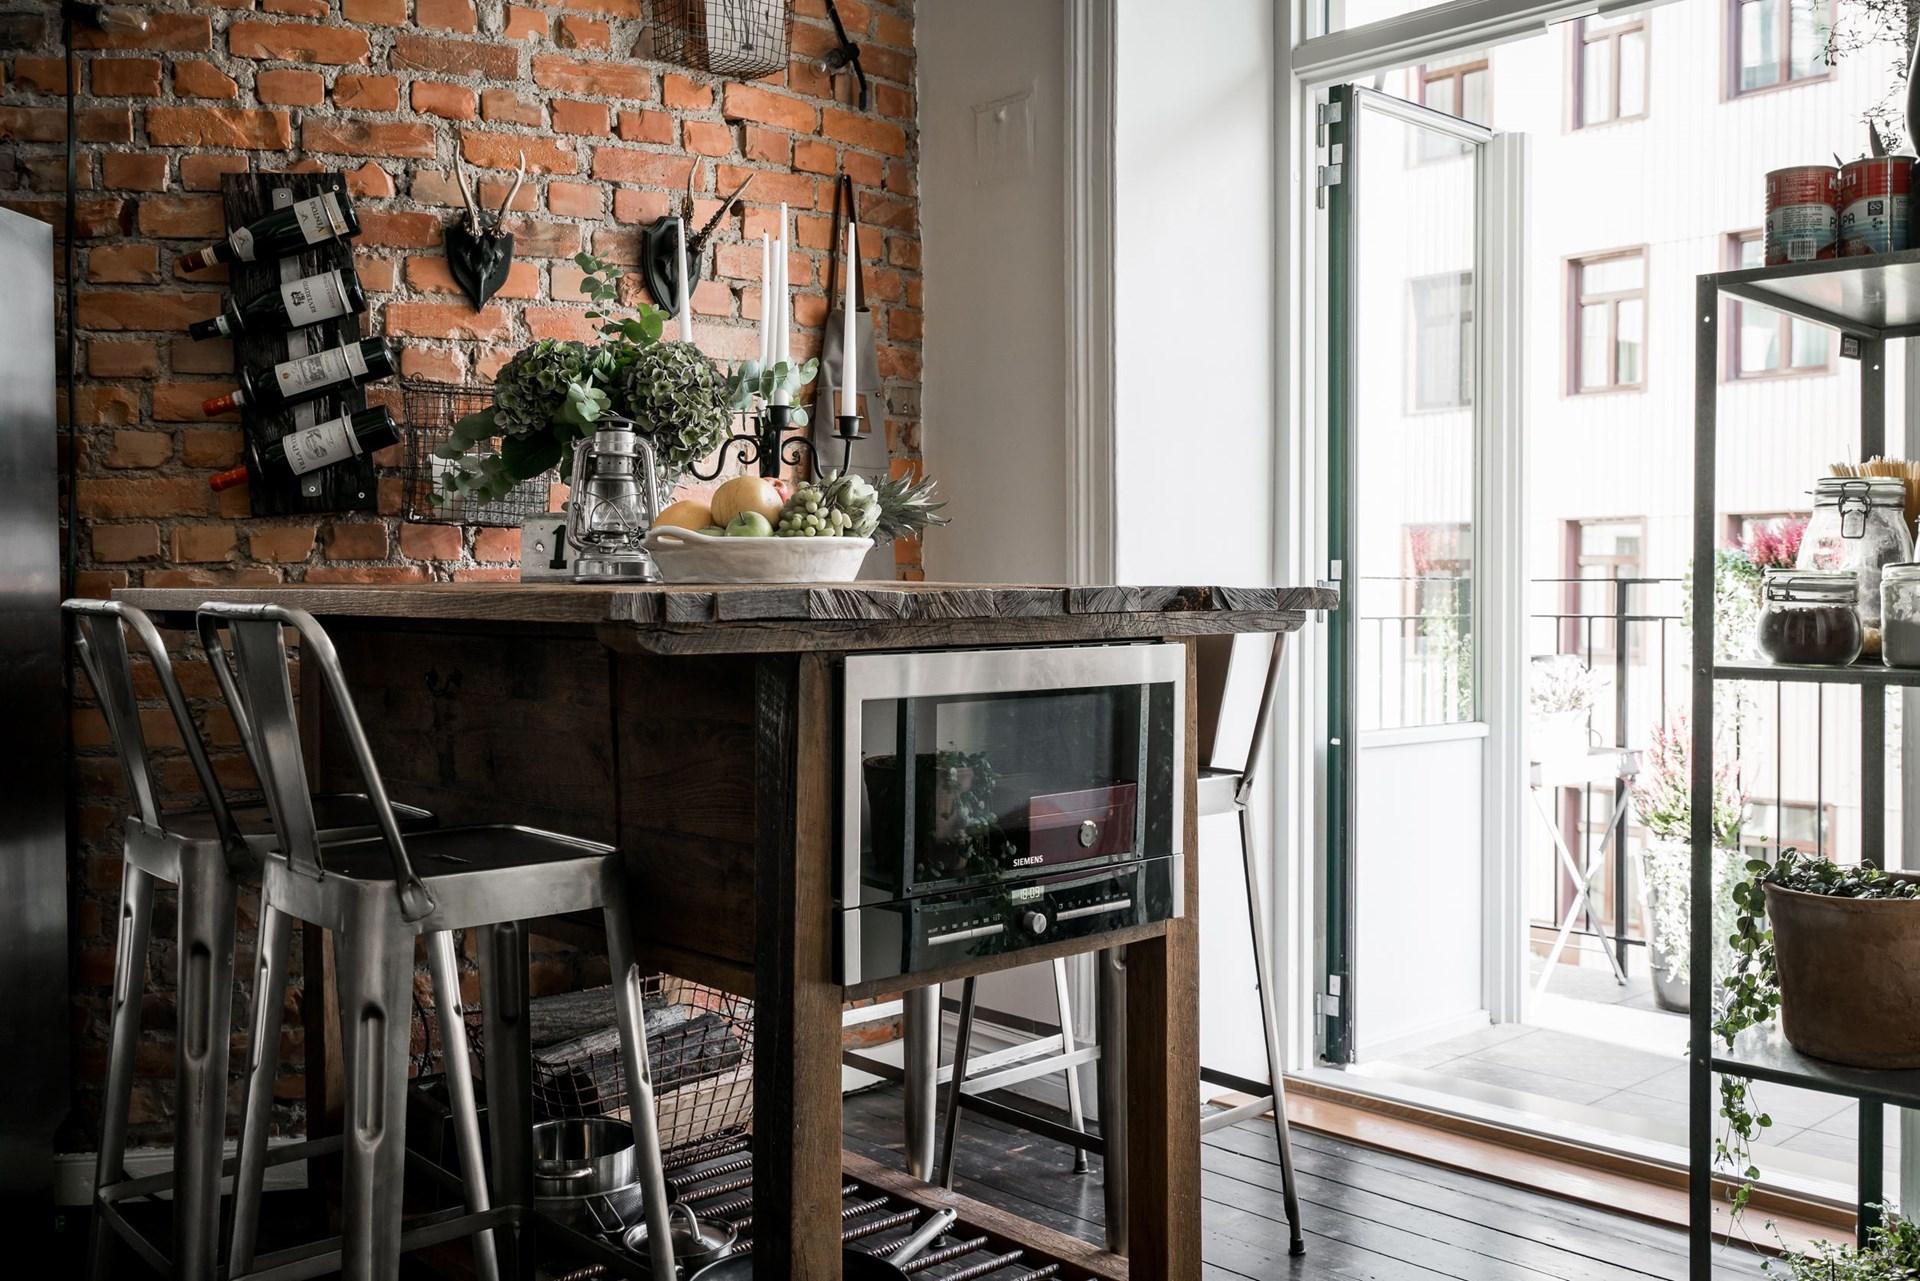 кухня кирпич деревянный пол обеденный стол микроволновка стулья tolix балкон